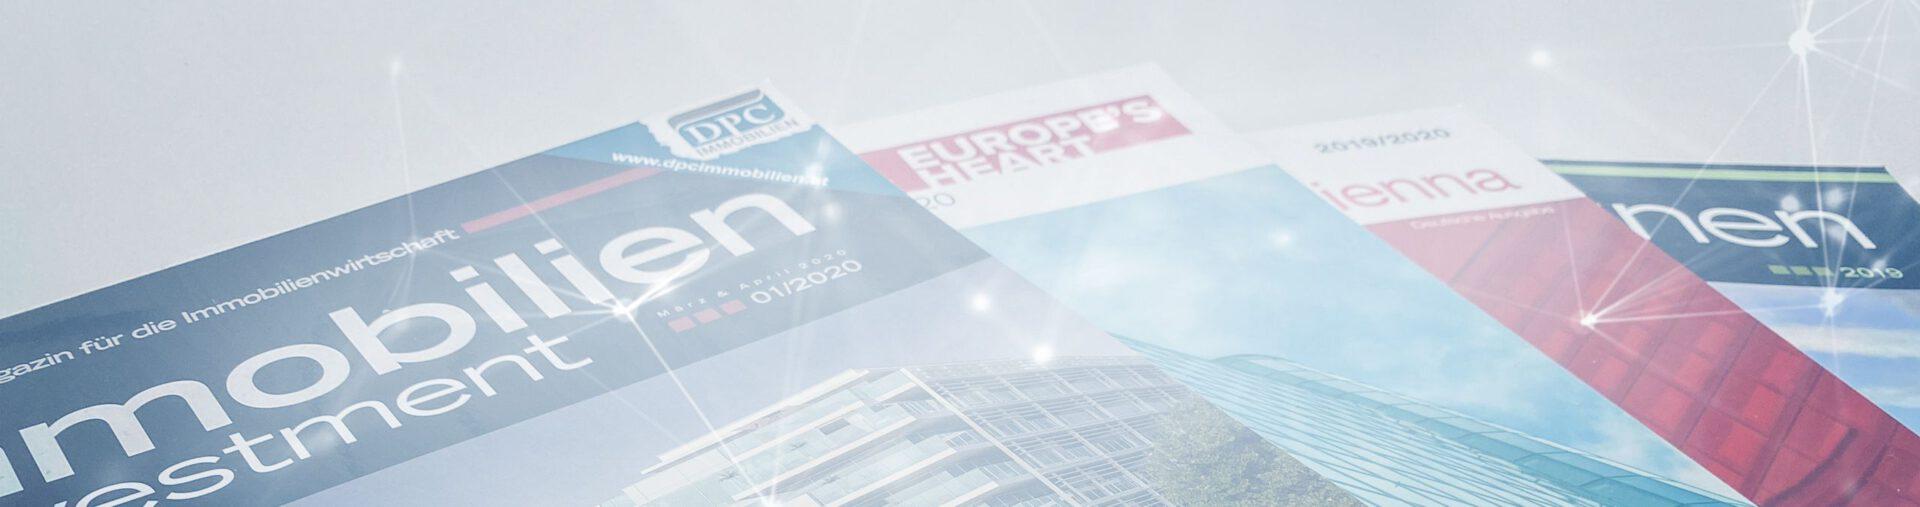 DMV Medien - Unsere Magazine